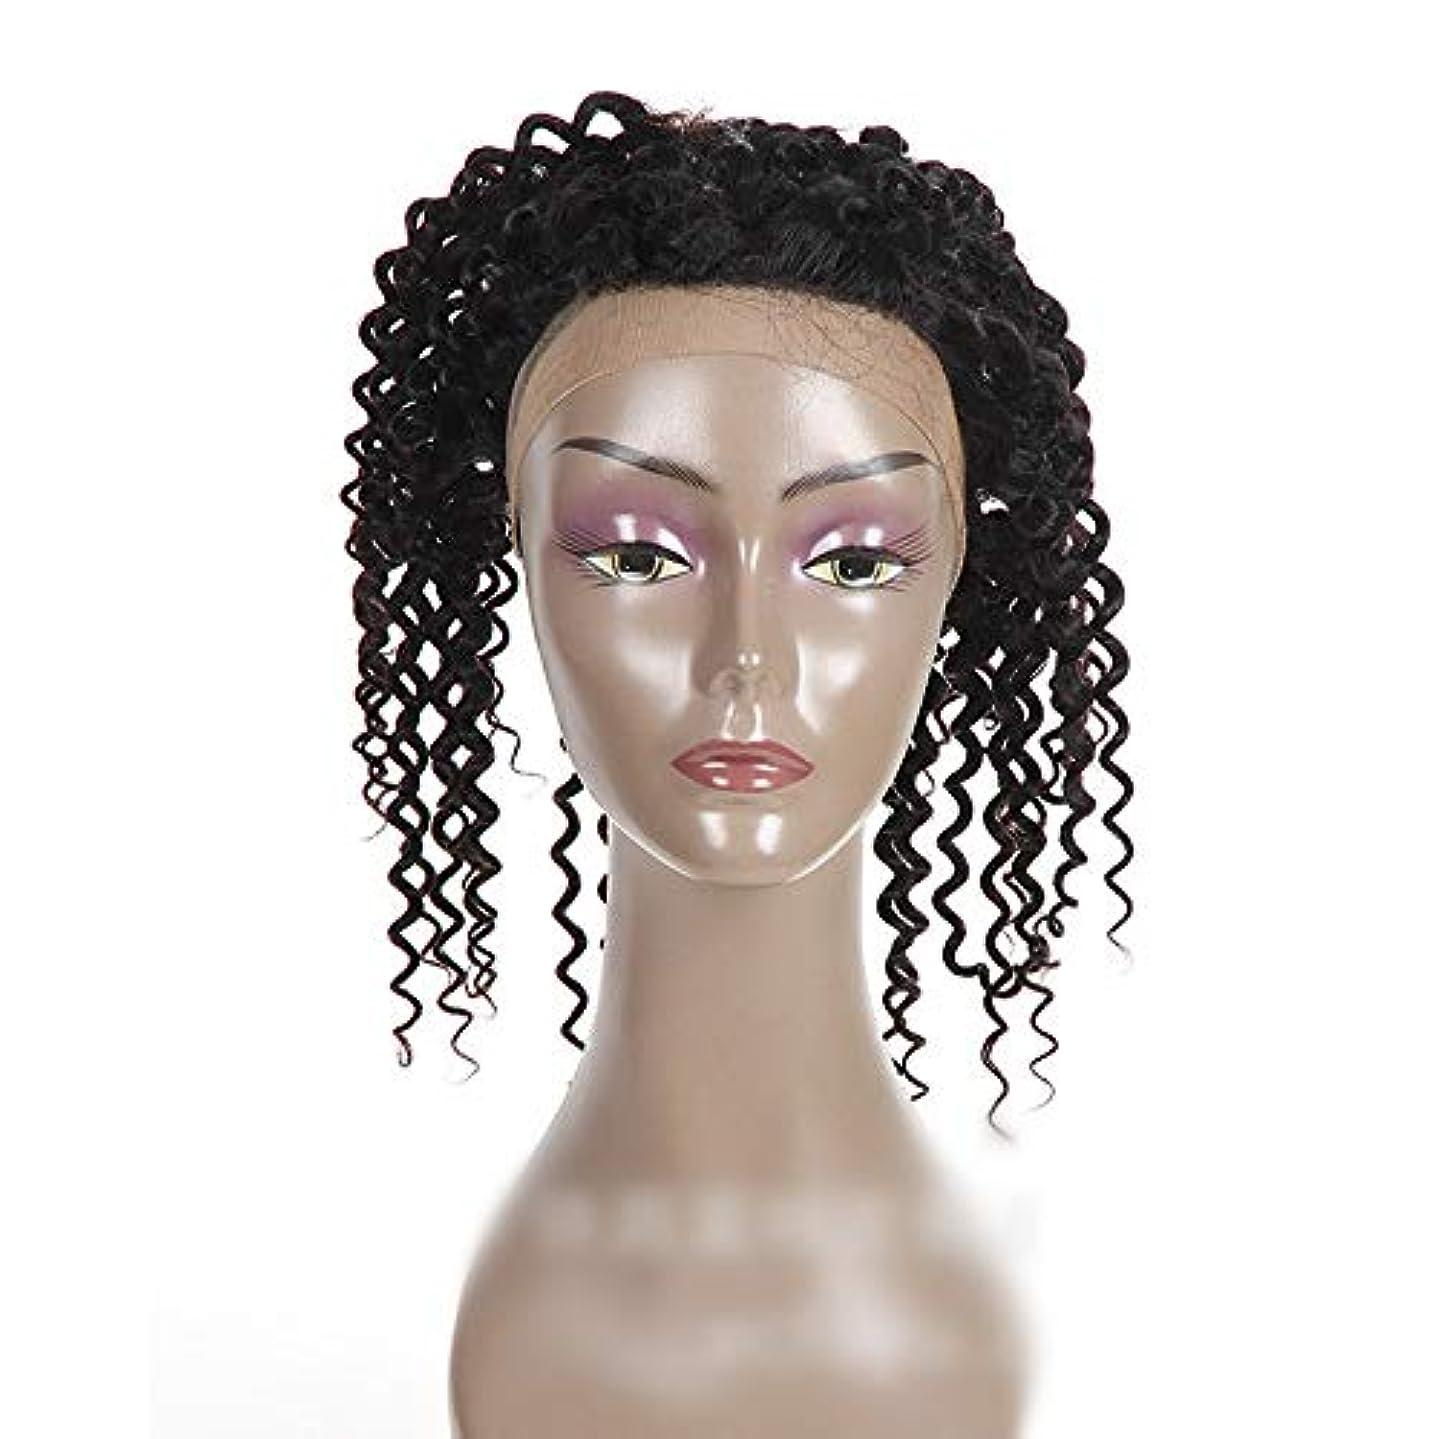 ちらつき八百屋現像Mayalina ナチュラルカラー360レース前頭閉鎖ブラジル人間の髪の毛深い波カーリーフリーパートヘアエクステンションショートカーリーウィッグ (色 : 黒, サイズ : 16 inch)